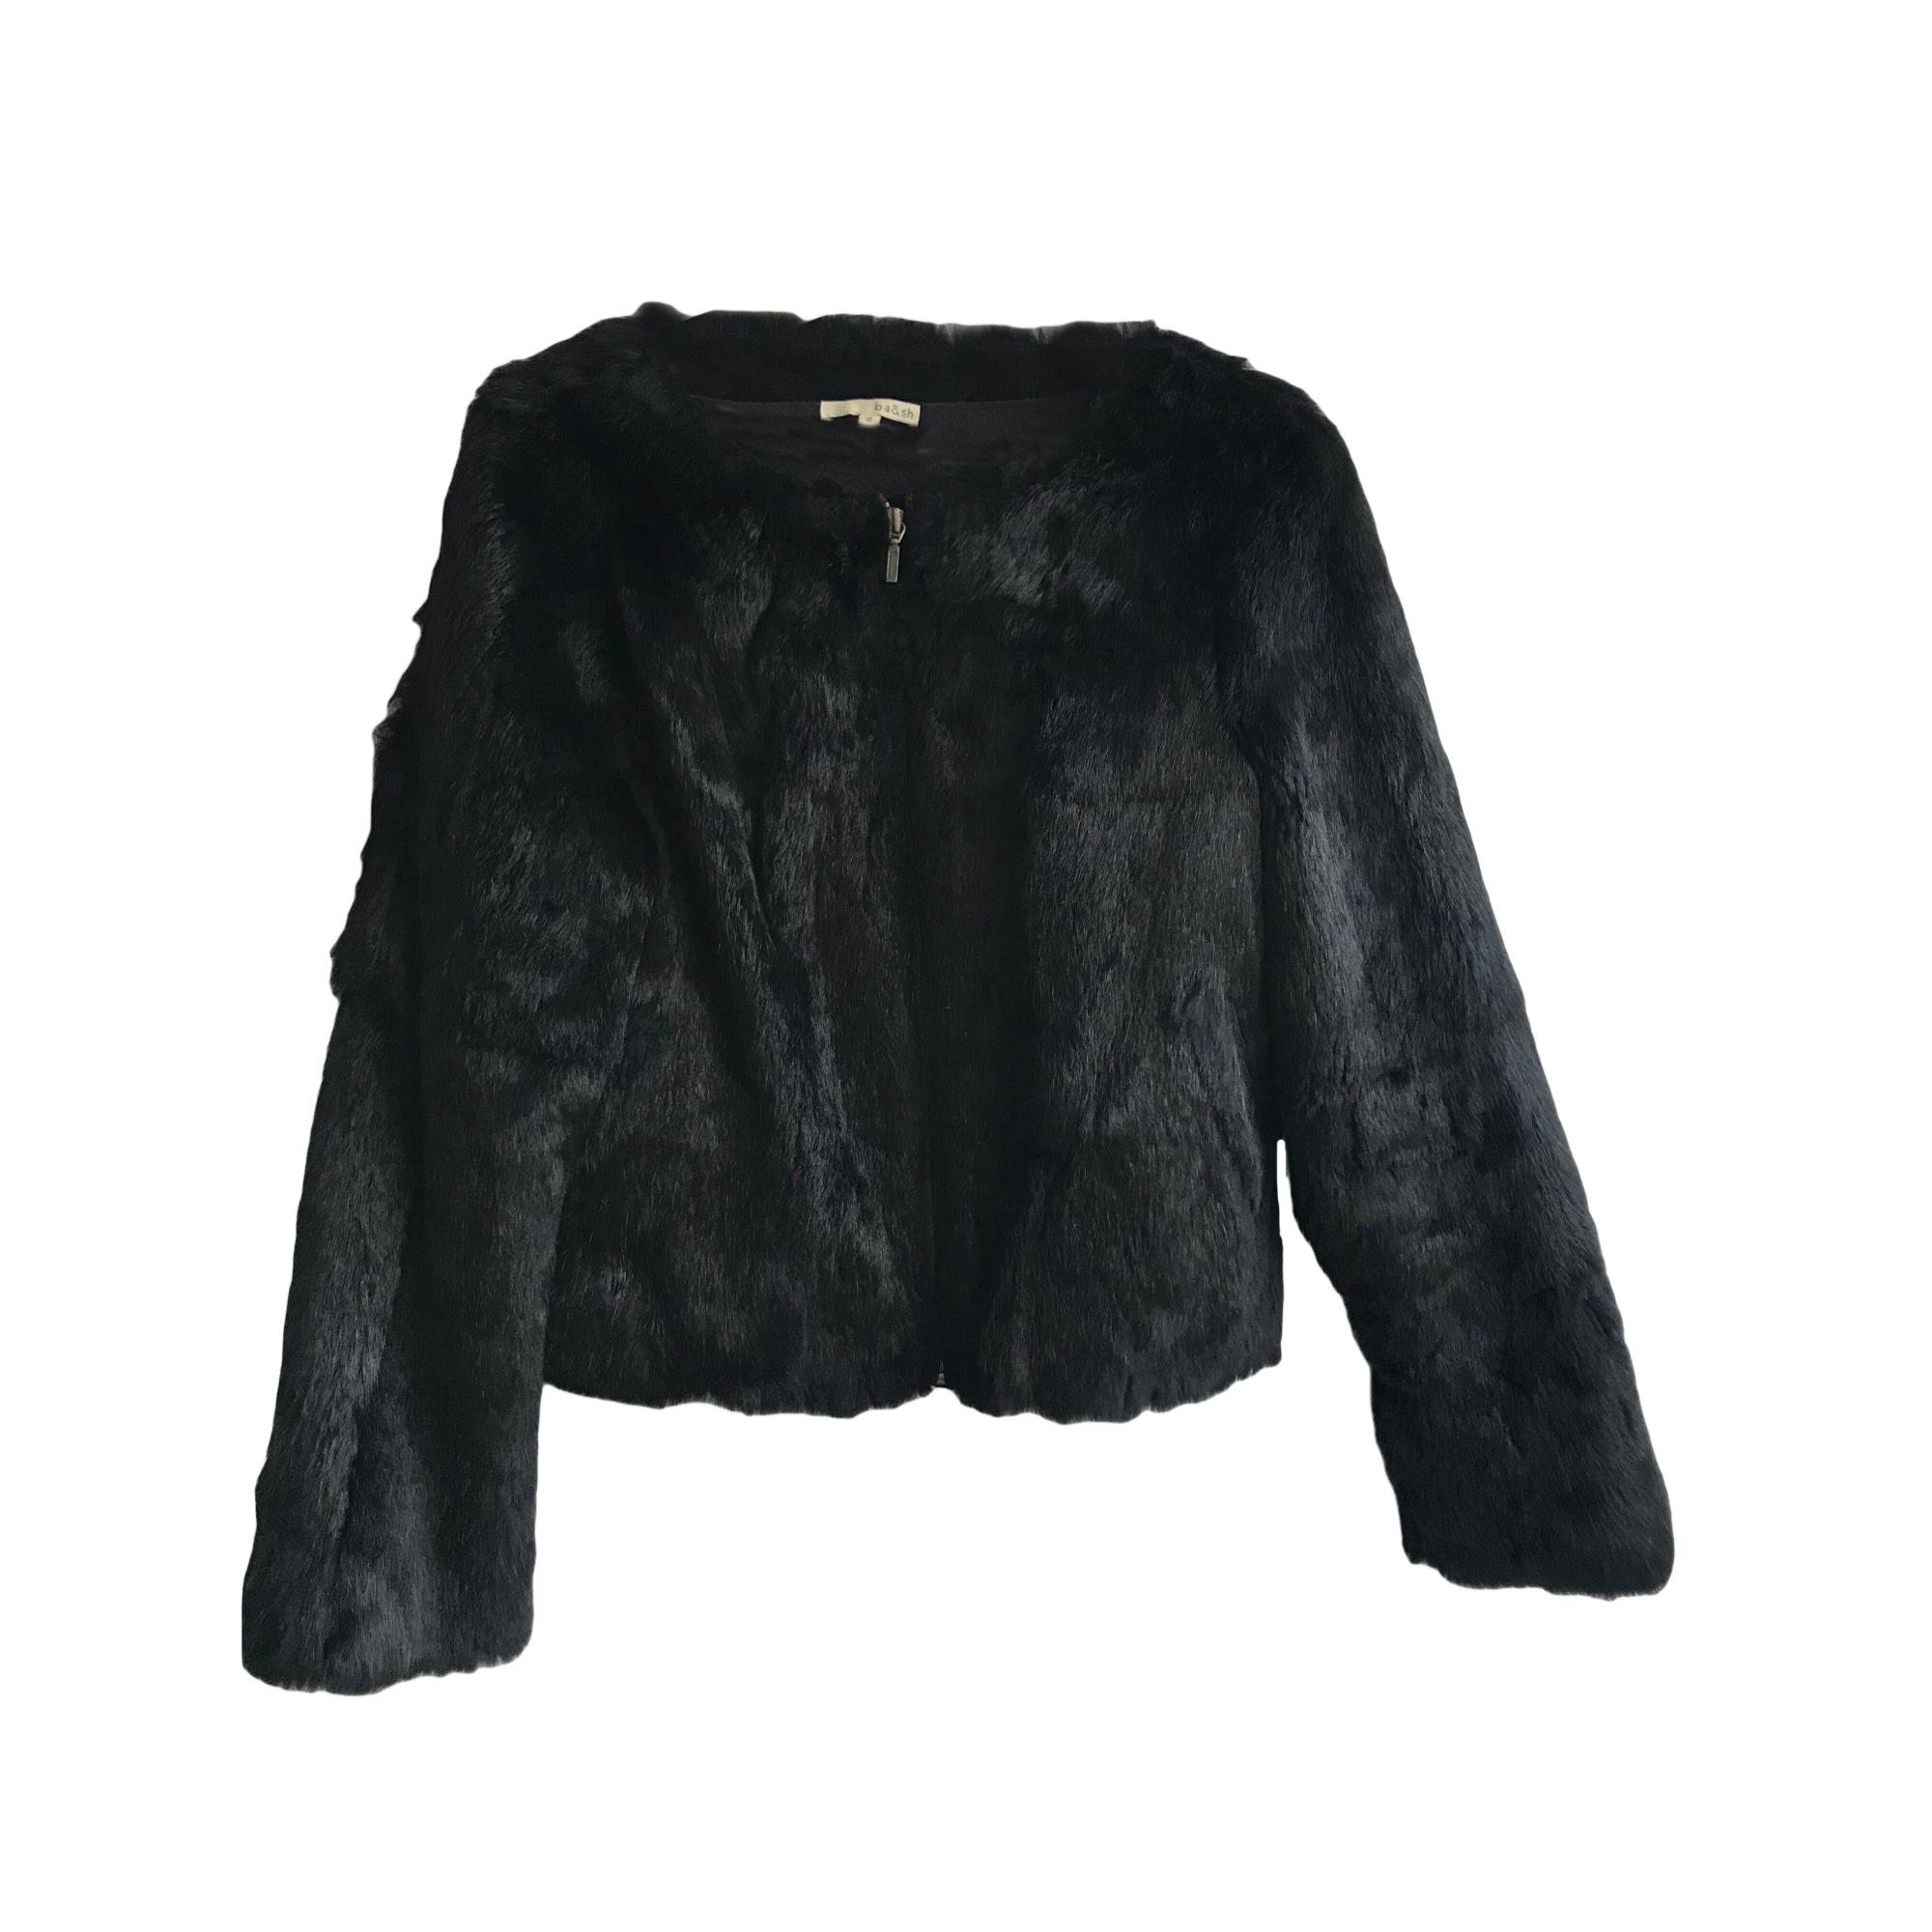 grossiste 0158d cb92e Blouson, veste en fourrure